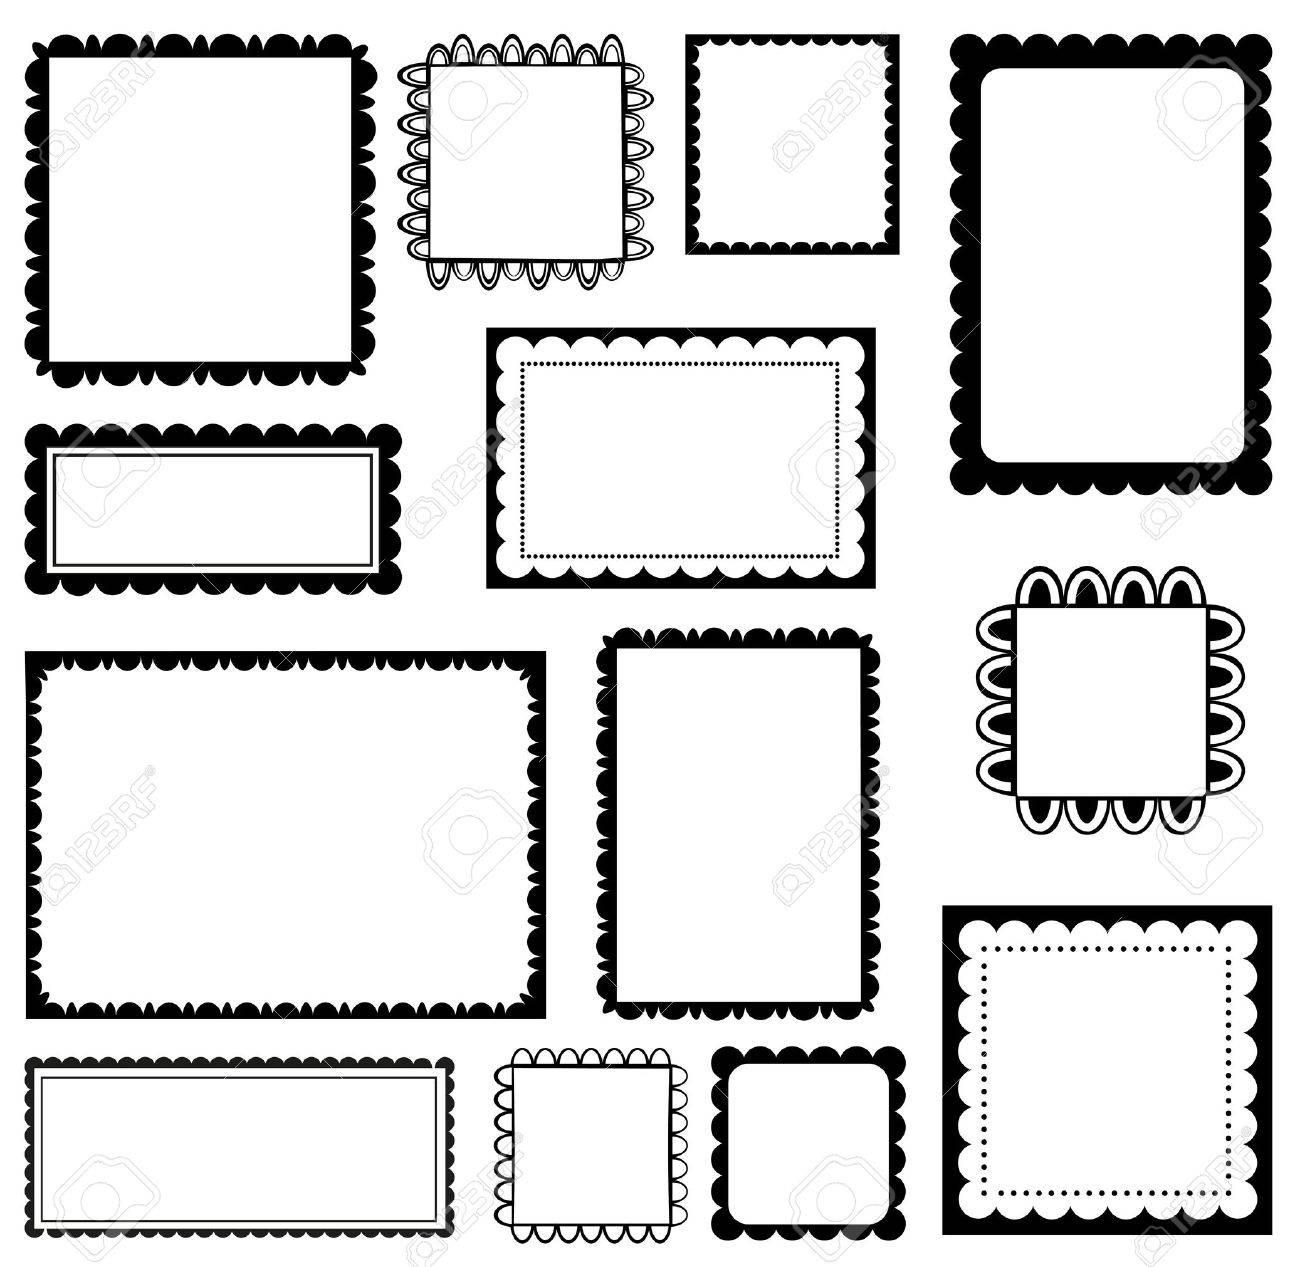 Set of scalloped frames - 50321456